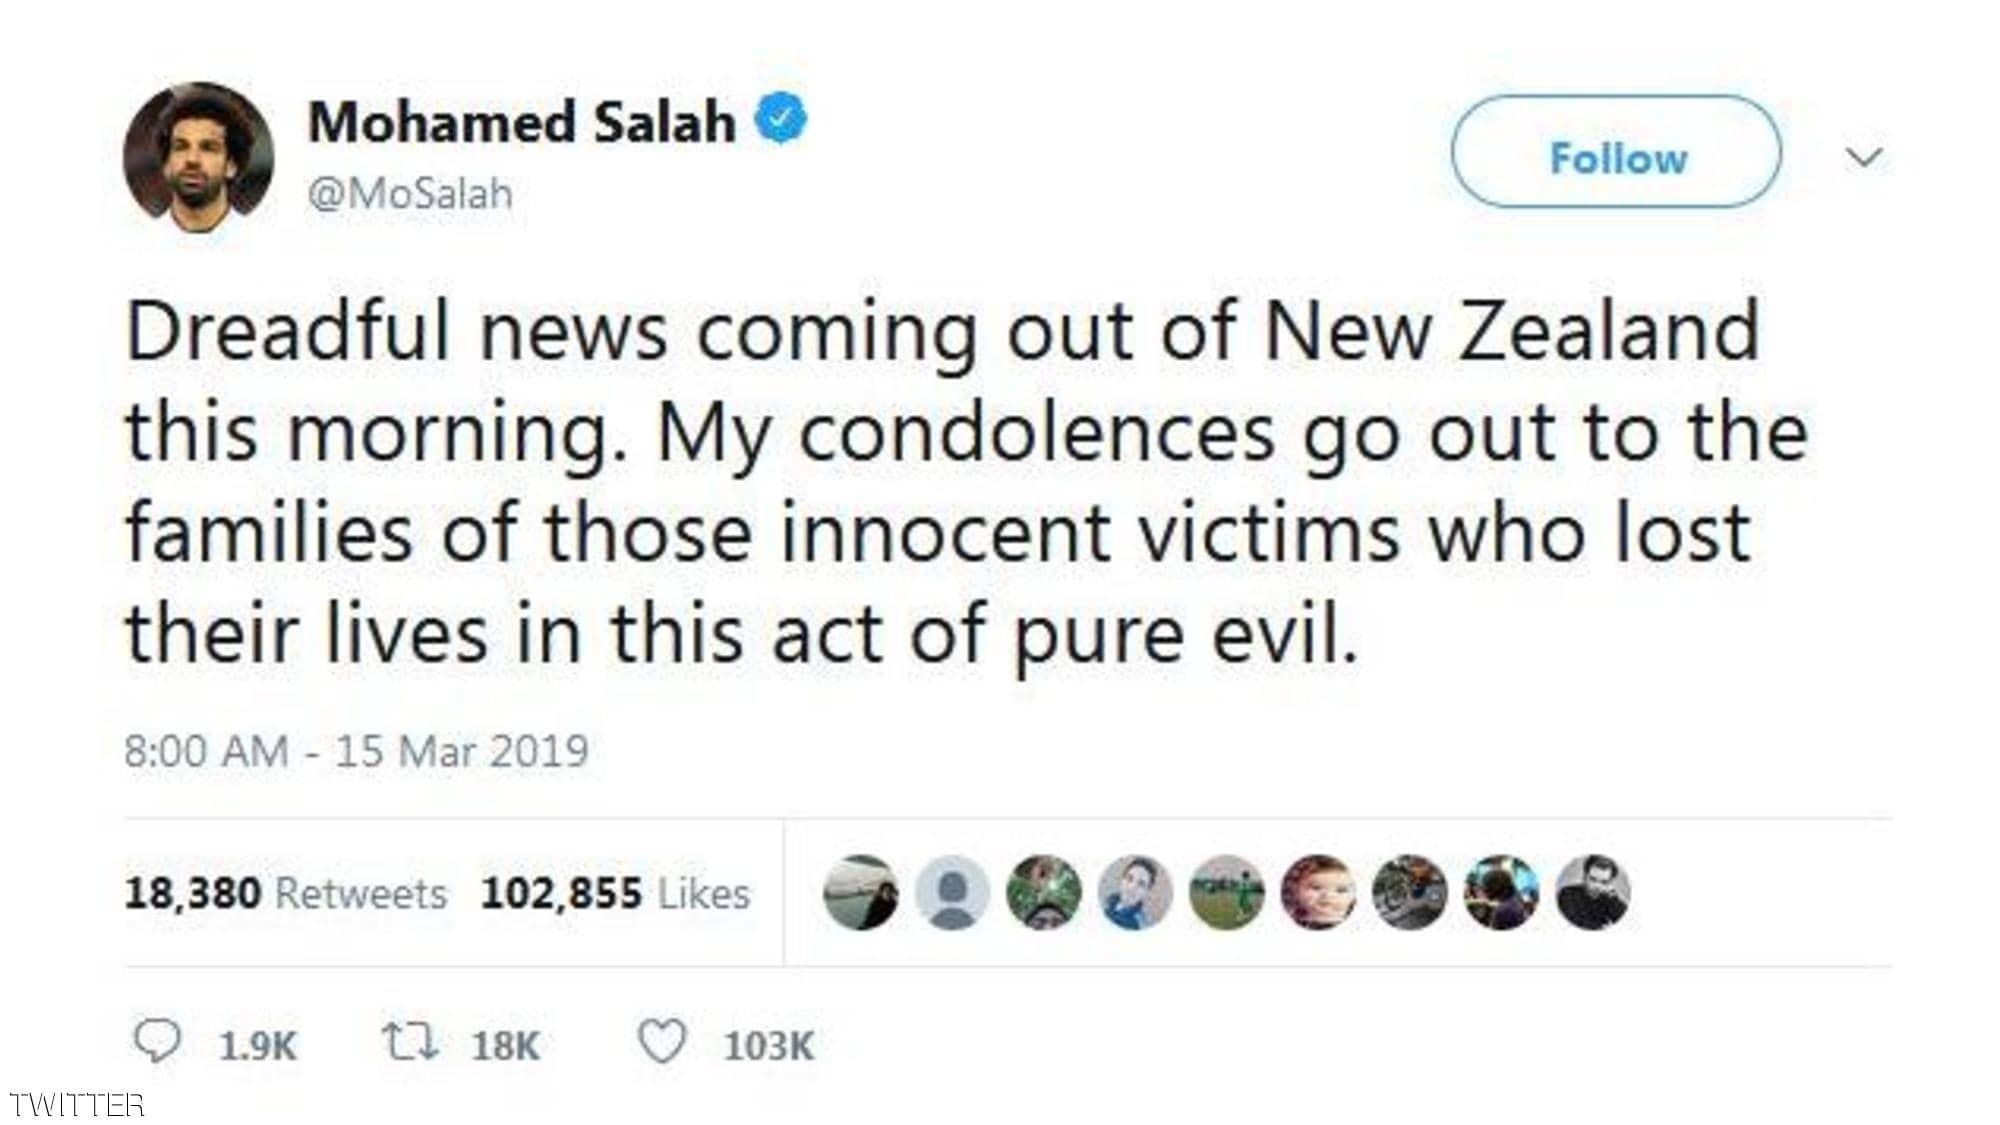 صورة: ماذا قال محمد صلاح عن هجوم نيوزيلاندا الإرهابي؟